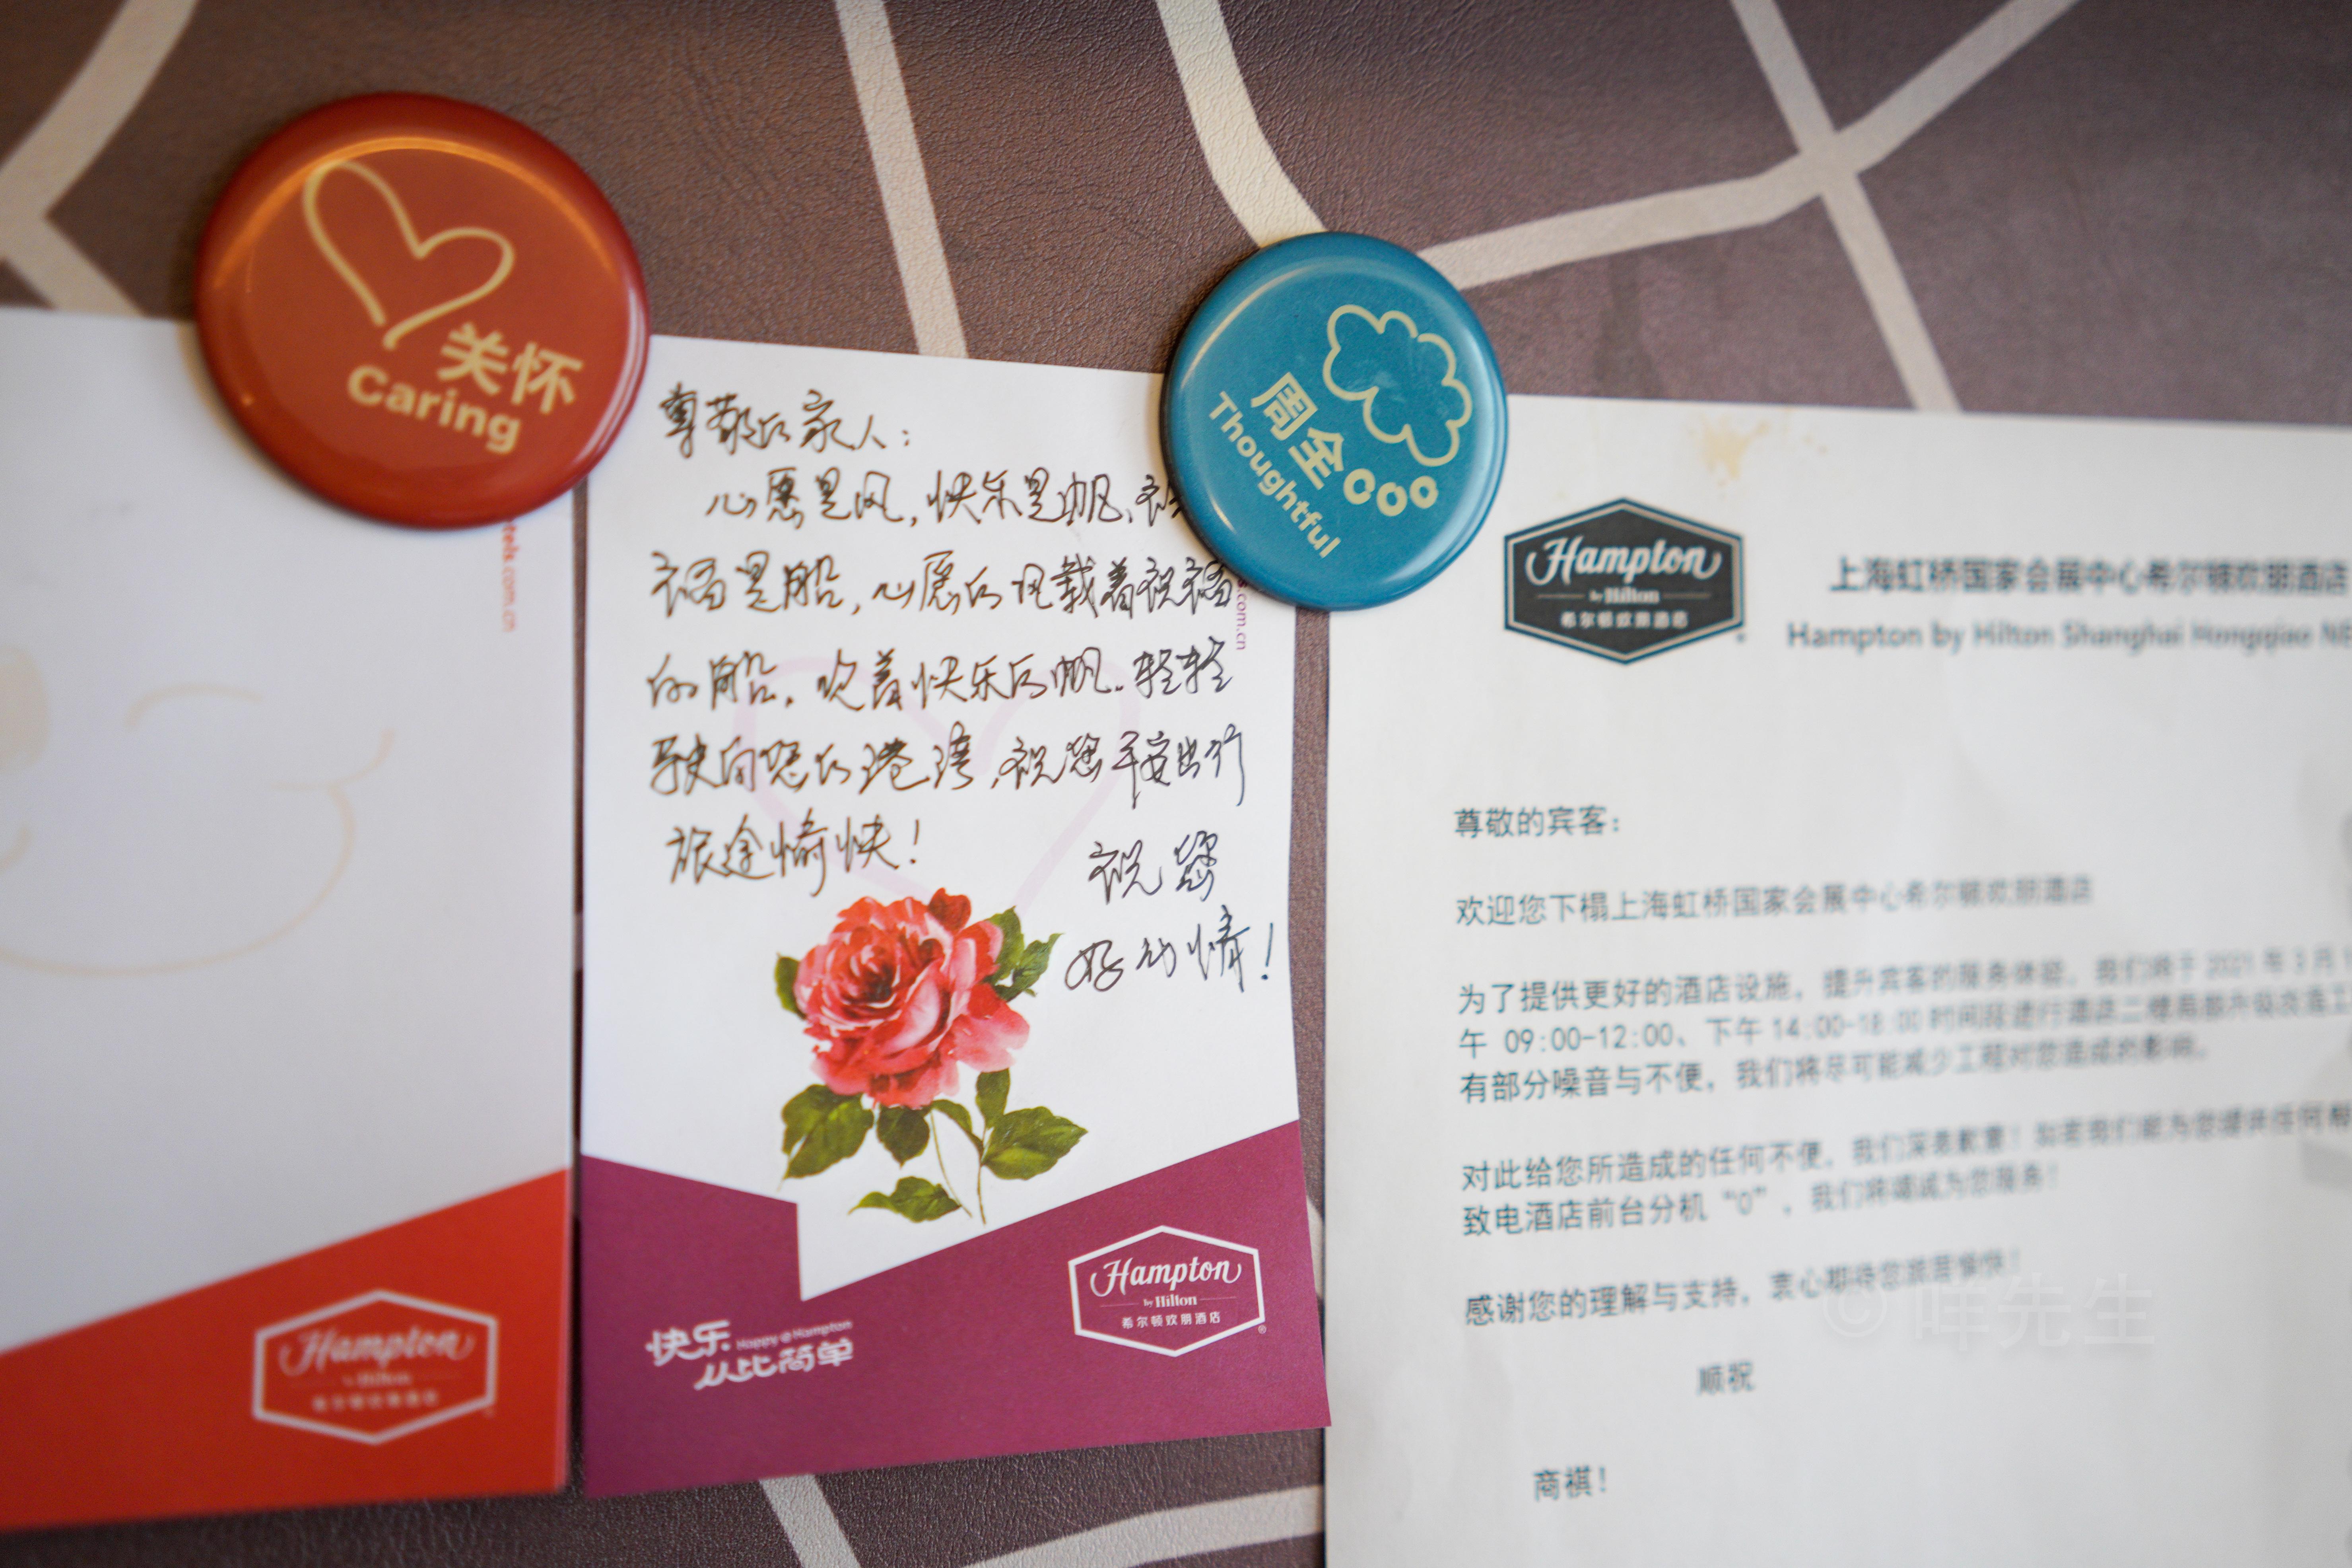 【咩先生到此一游】上海虹桥国家会展中心希尔顿欢朋——逆子之名果然名不虚传